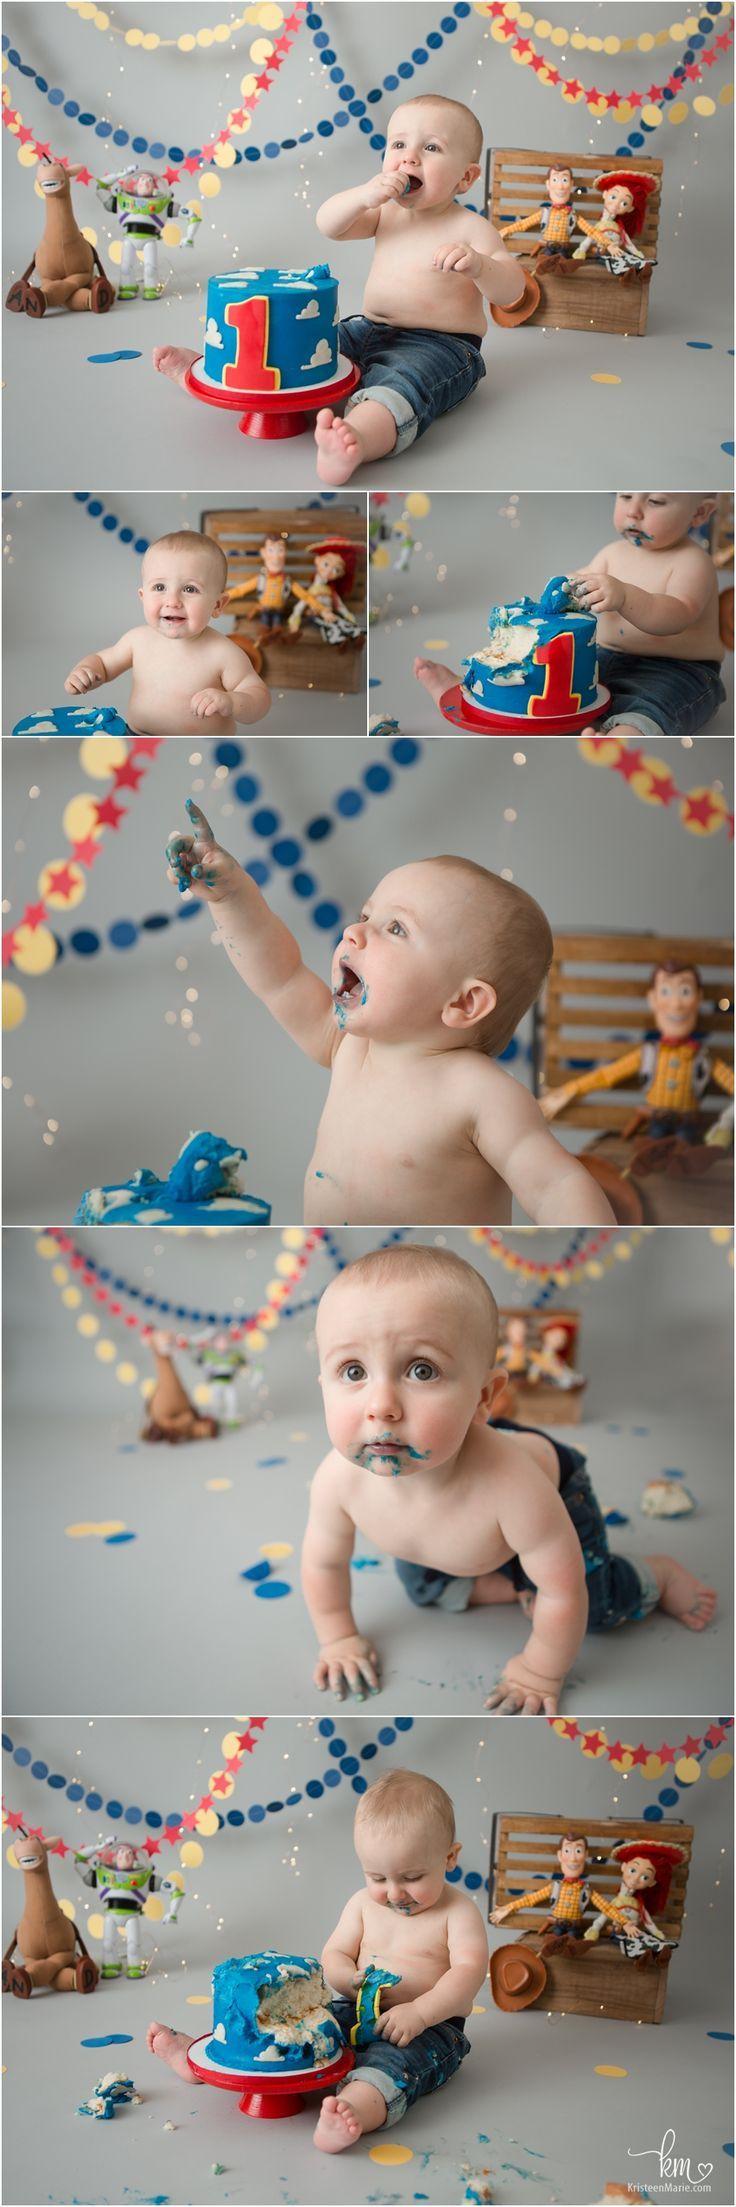 1st Birthday Theme Disney S Toy Story Cake Smash Photography Session Toy Story Birthday Party Baby First Birthday Toy Story Birthday